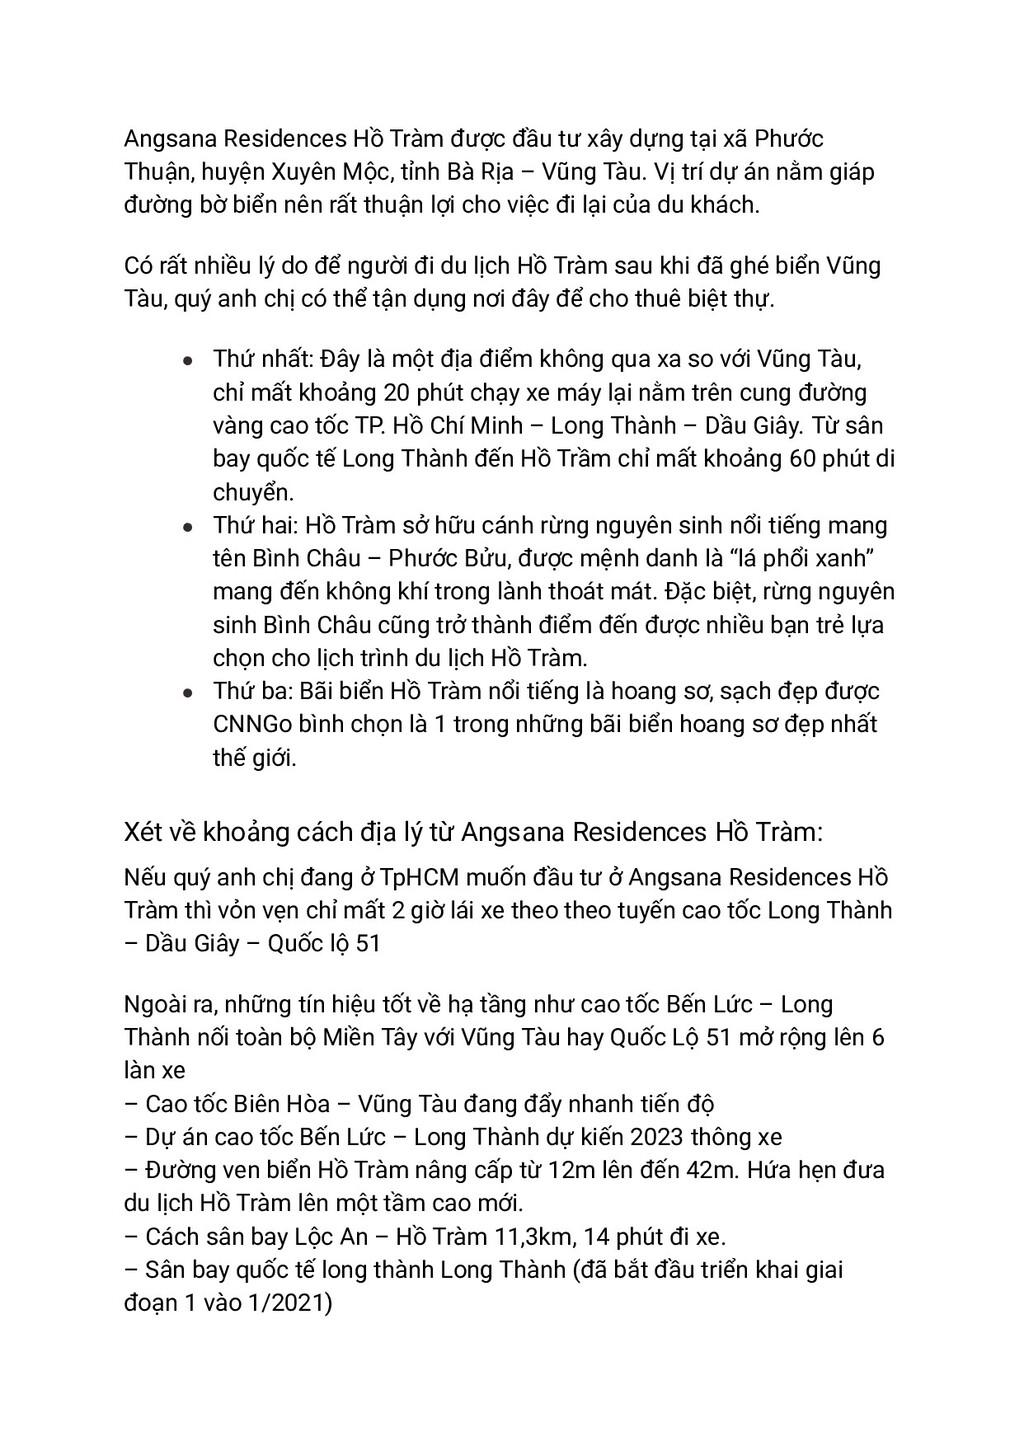 Angsana Residences Hồ Tràm được đầu tư xây dựng...